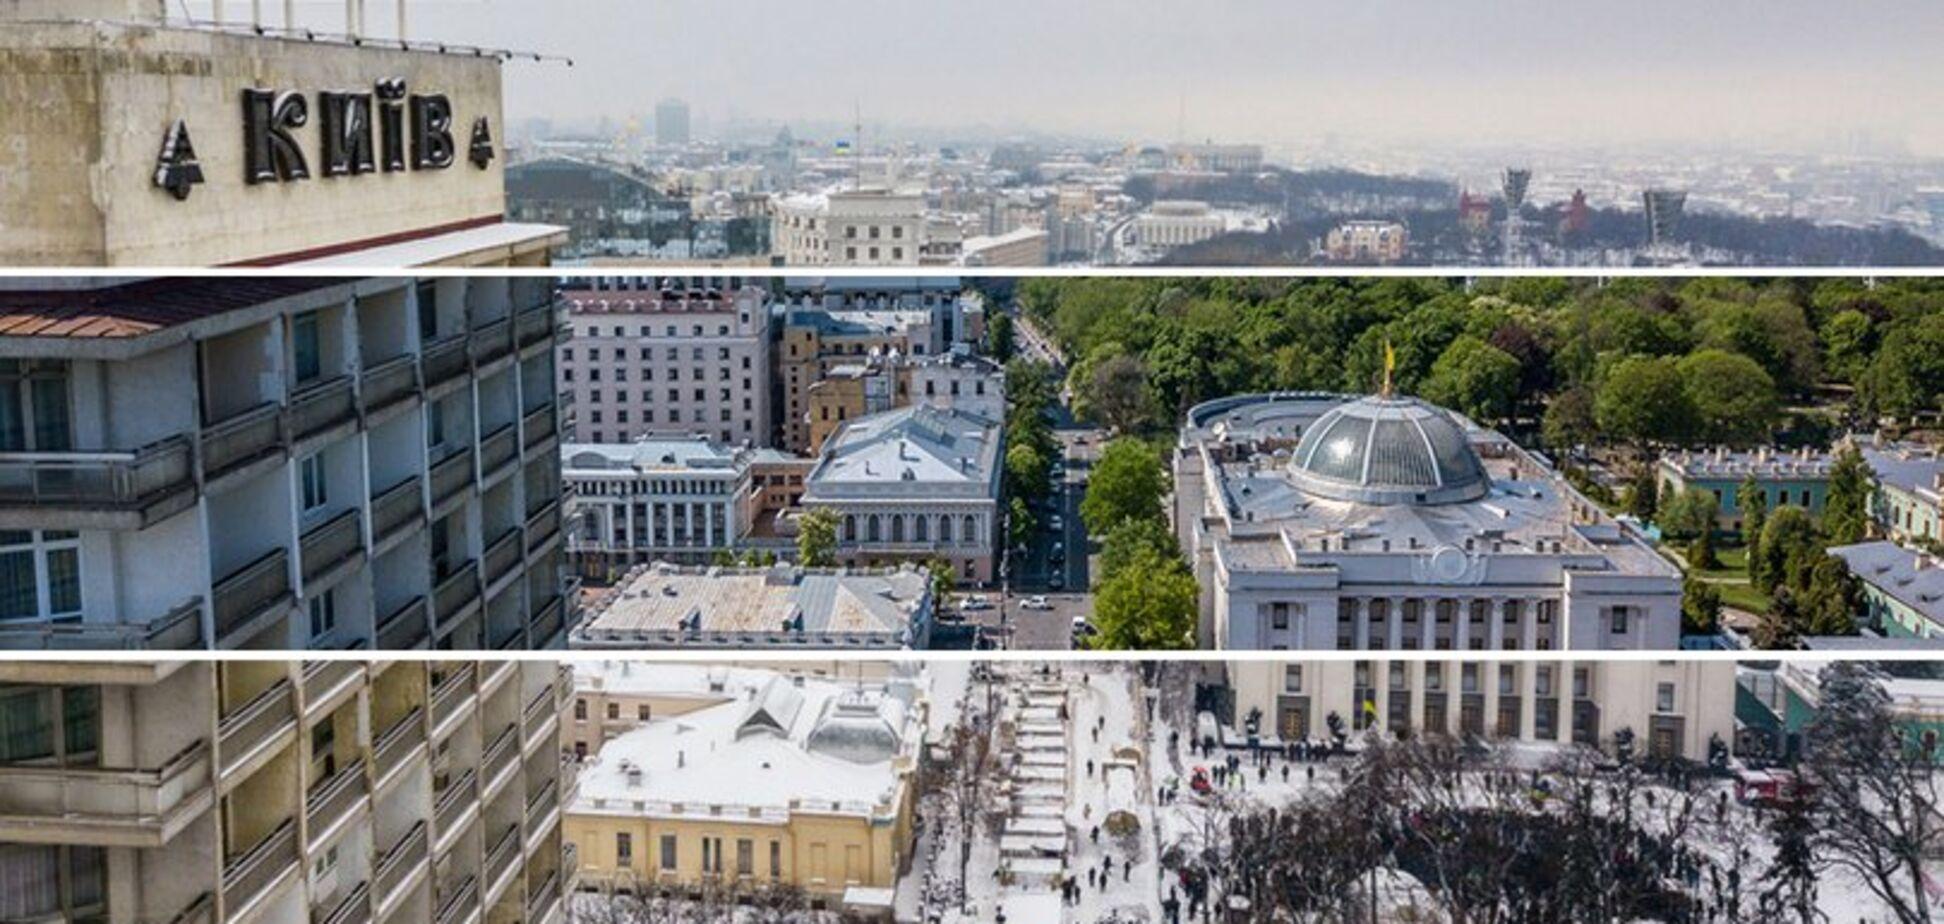 Київ взимку і влітку: фото з висоти пташиного польоту в різні пори року